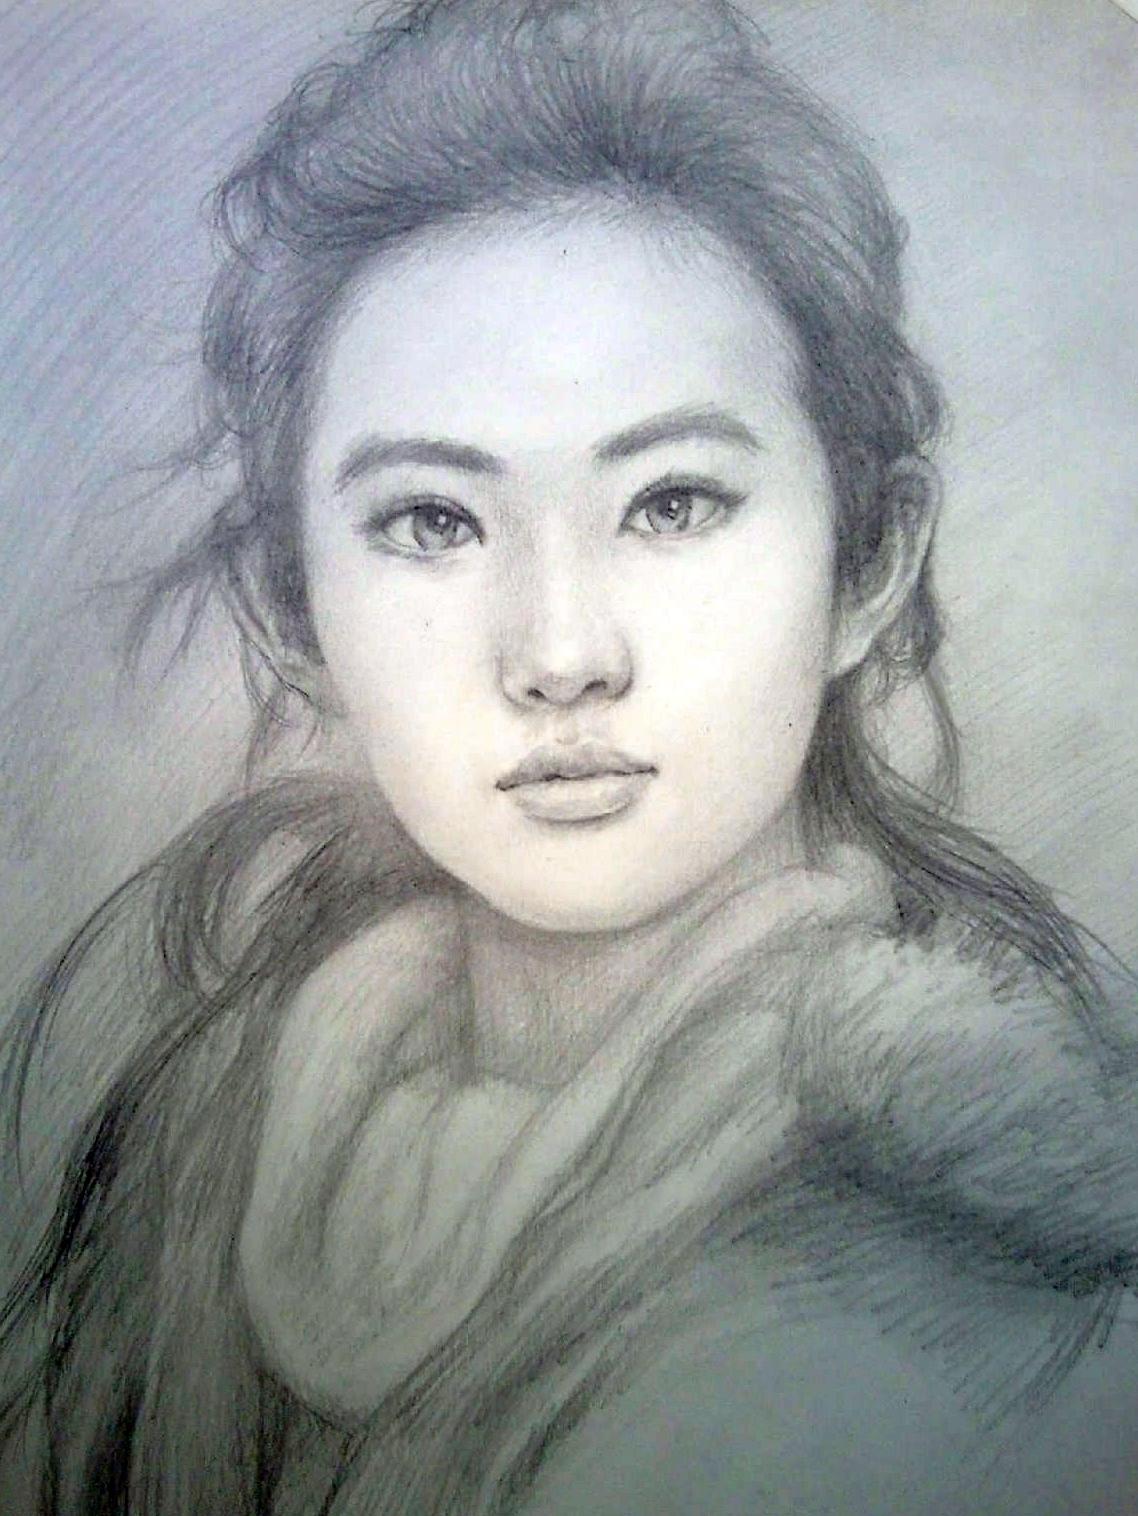 肖像画定制 人物画像定做 手绘素描肖像定做 素